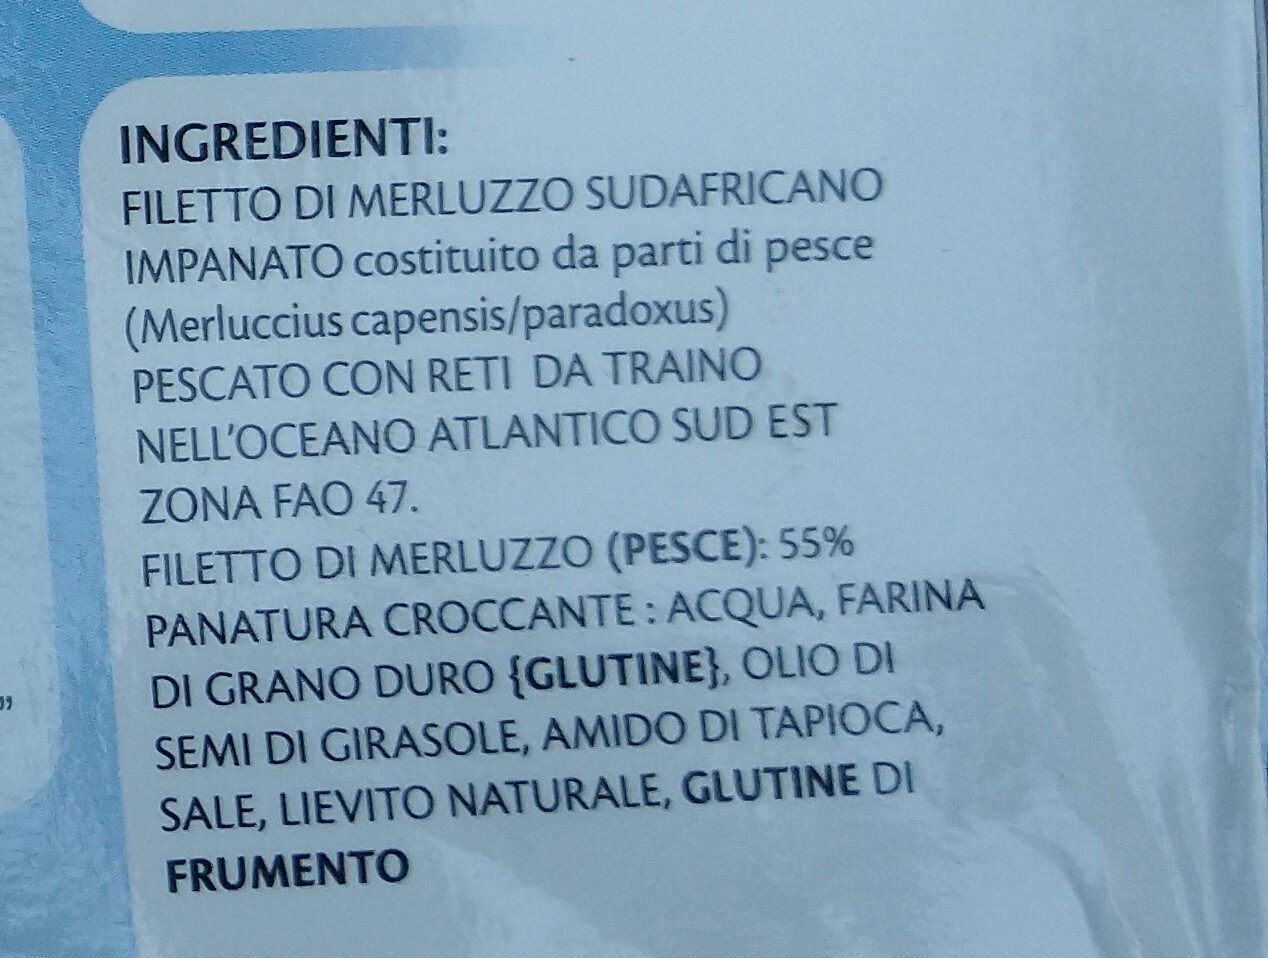 filetti croccanti di merluzzo sudafricano - Ingredienti - it